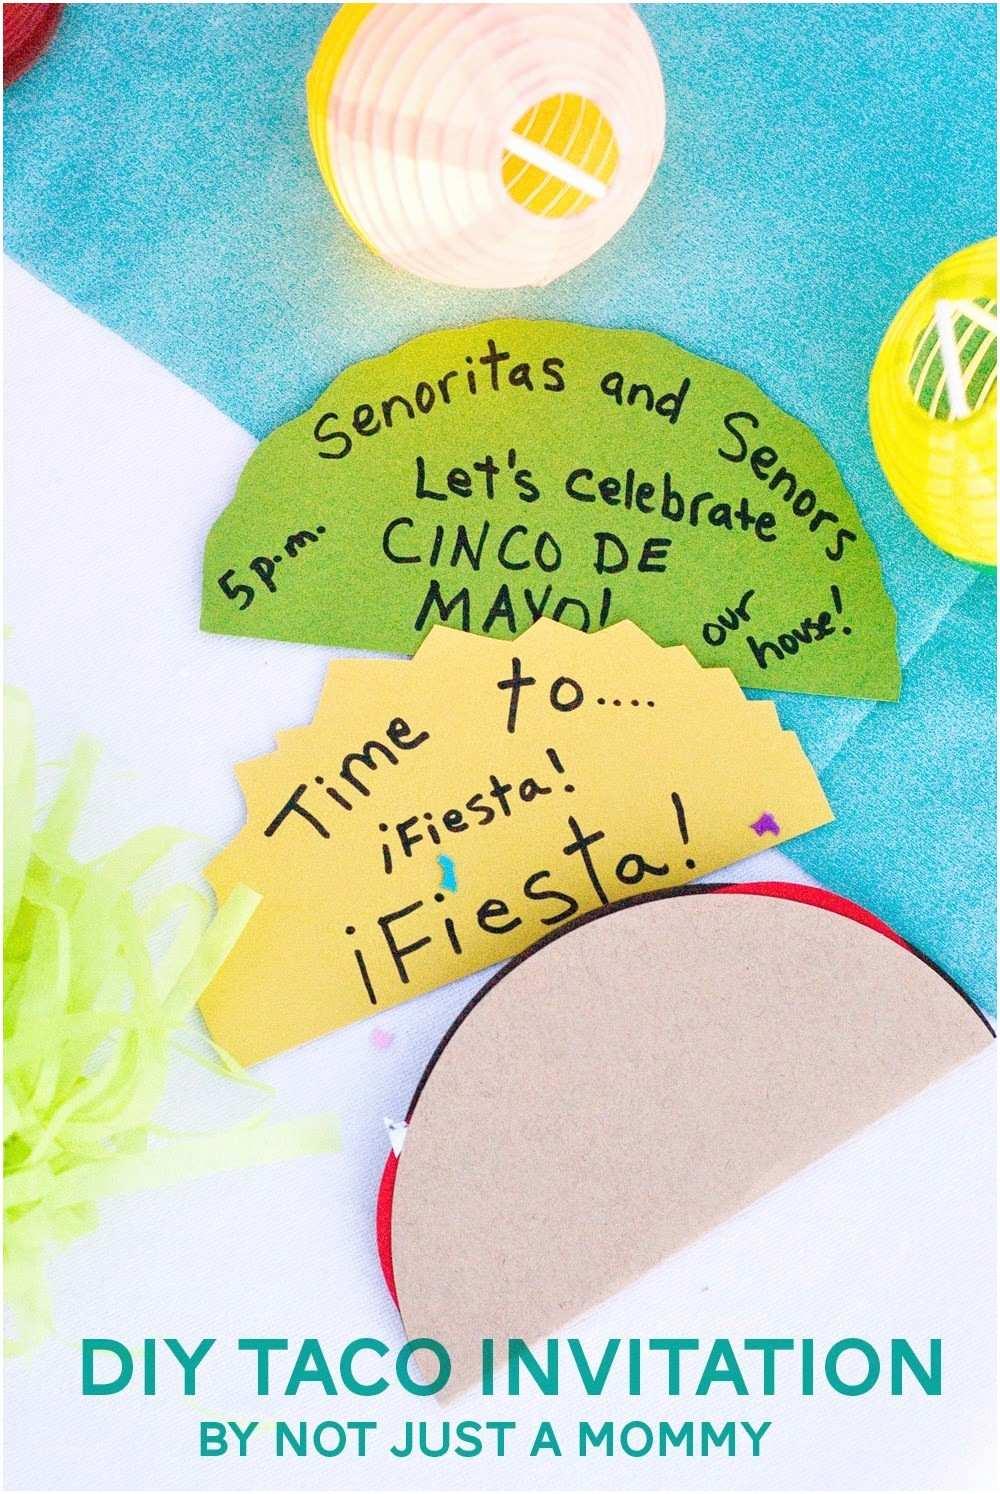 Taco Party Invitation the Party Hop Summer Fiesta Diy Taco Invitation Balloon